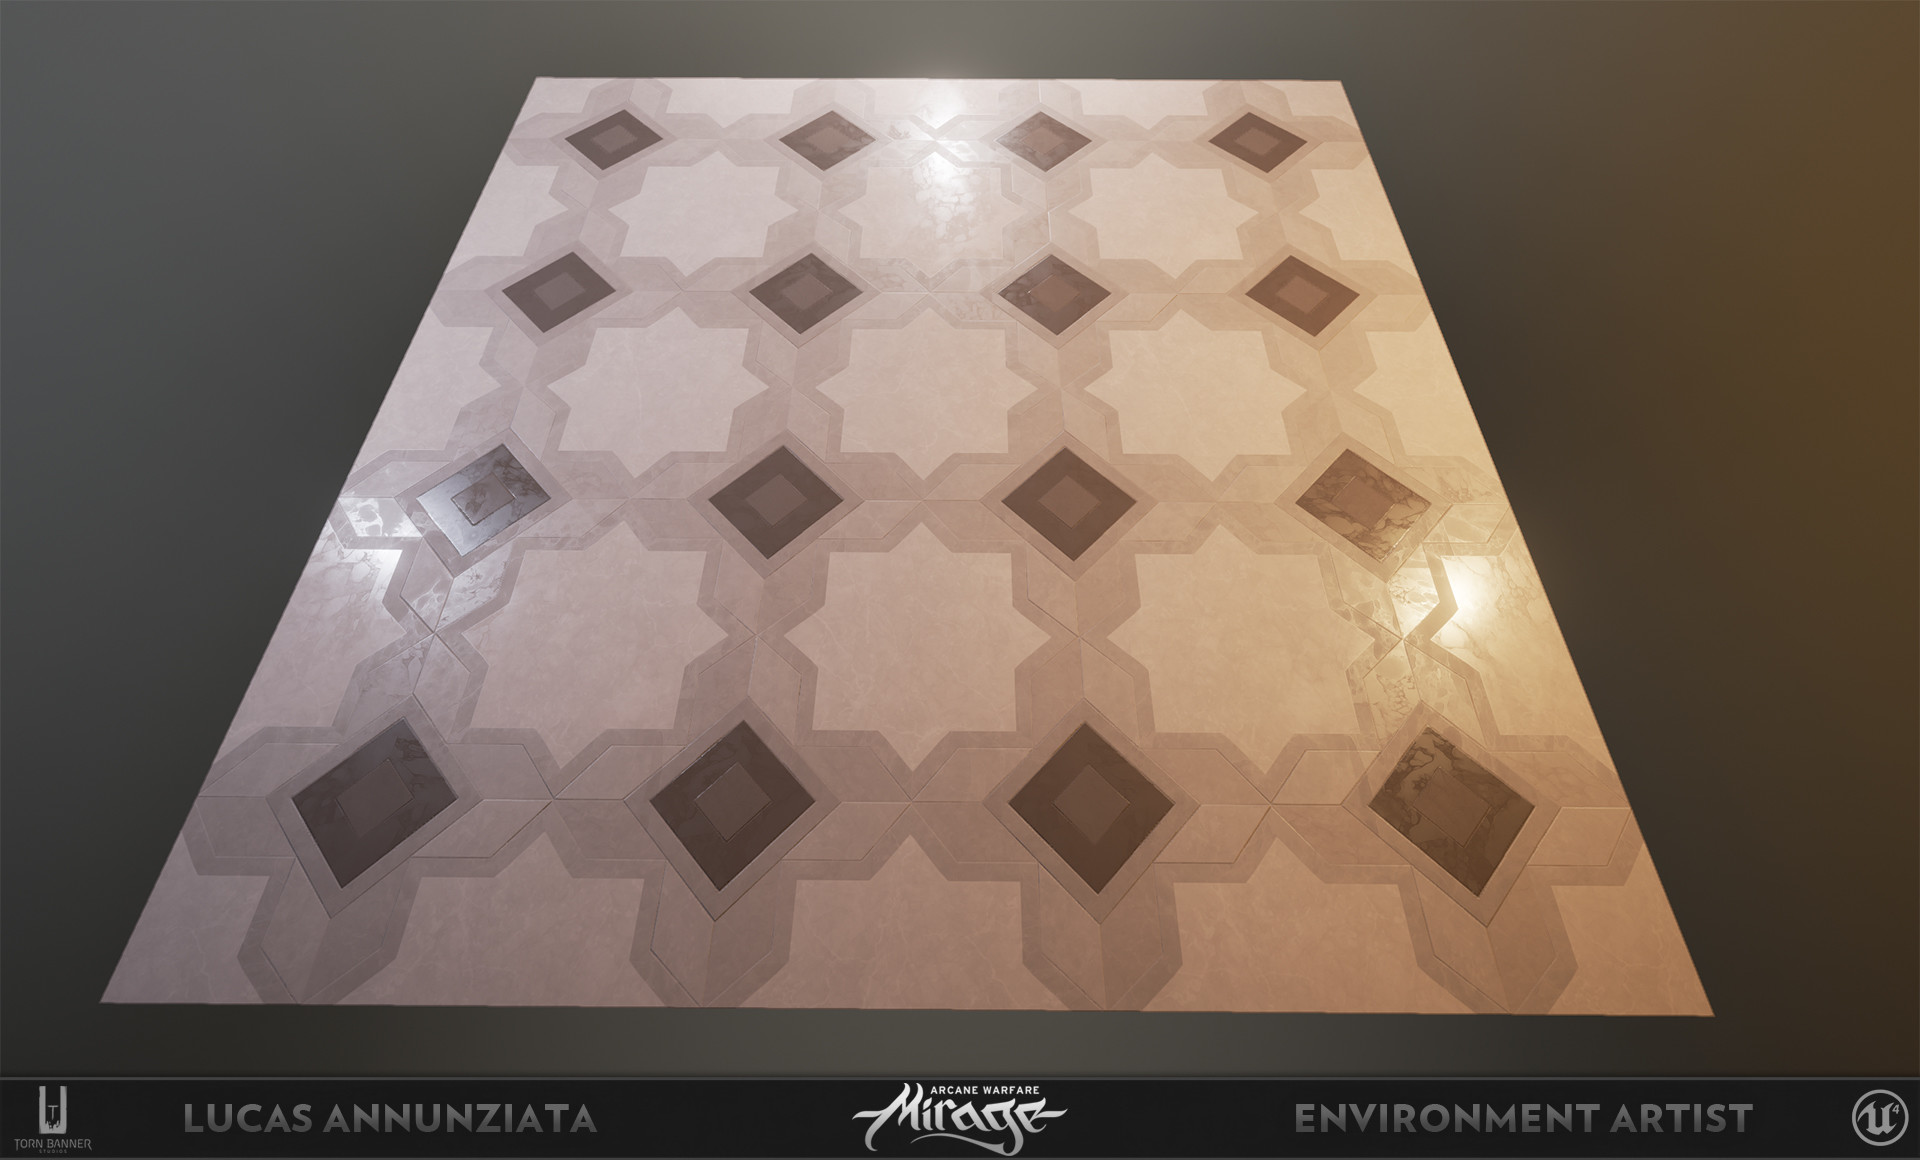 Lucas annunziata marble 4